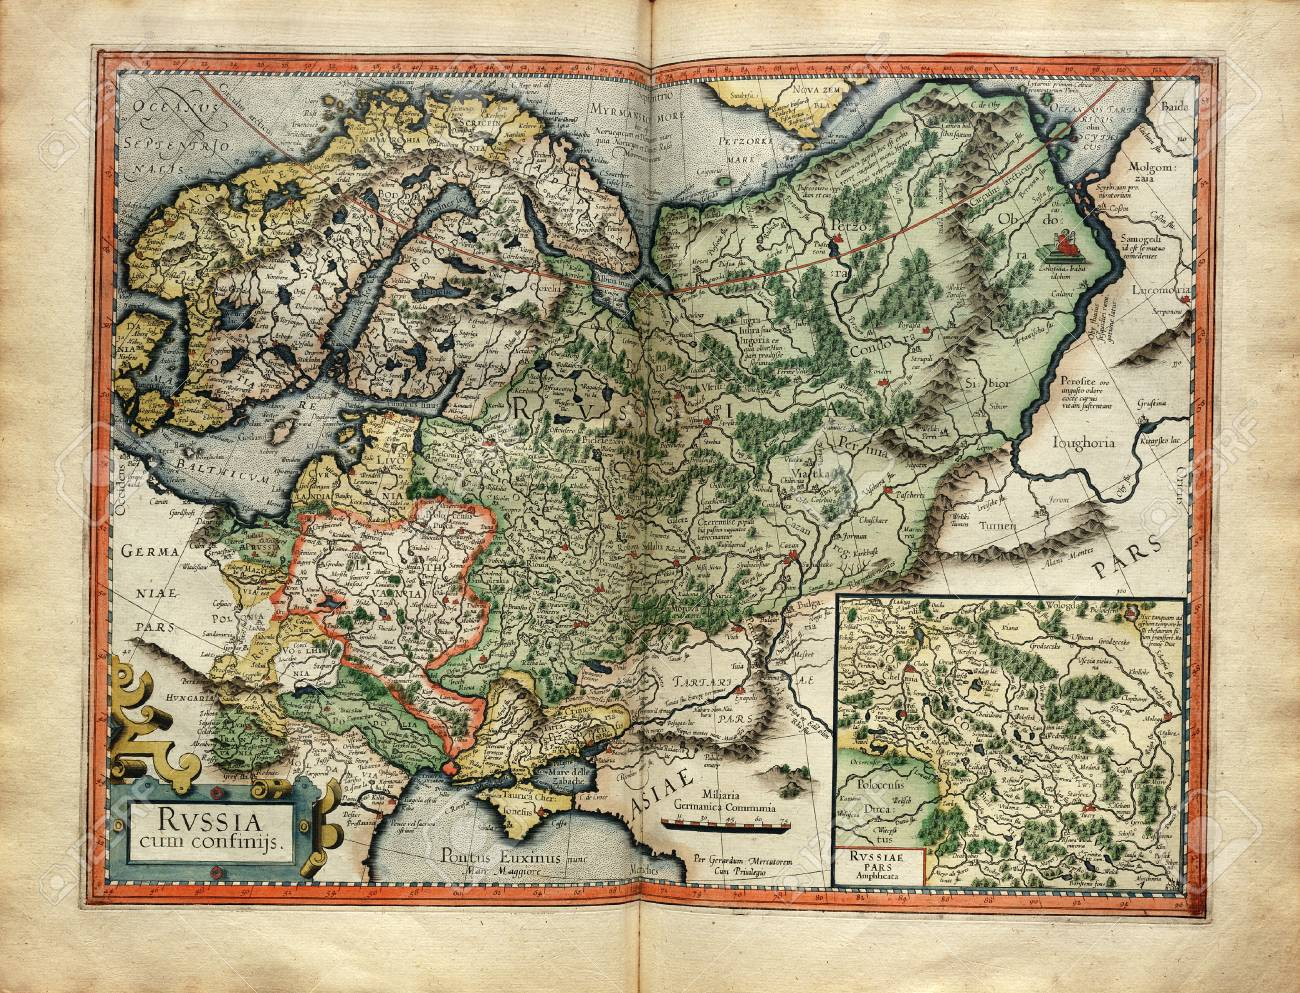 メルカトルで 1587 年にアトラス...